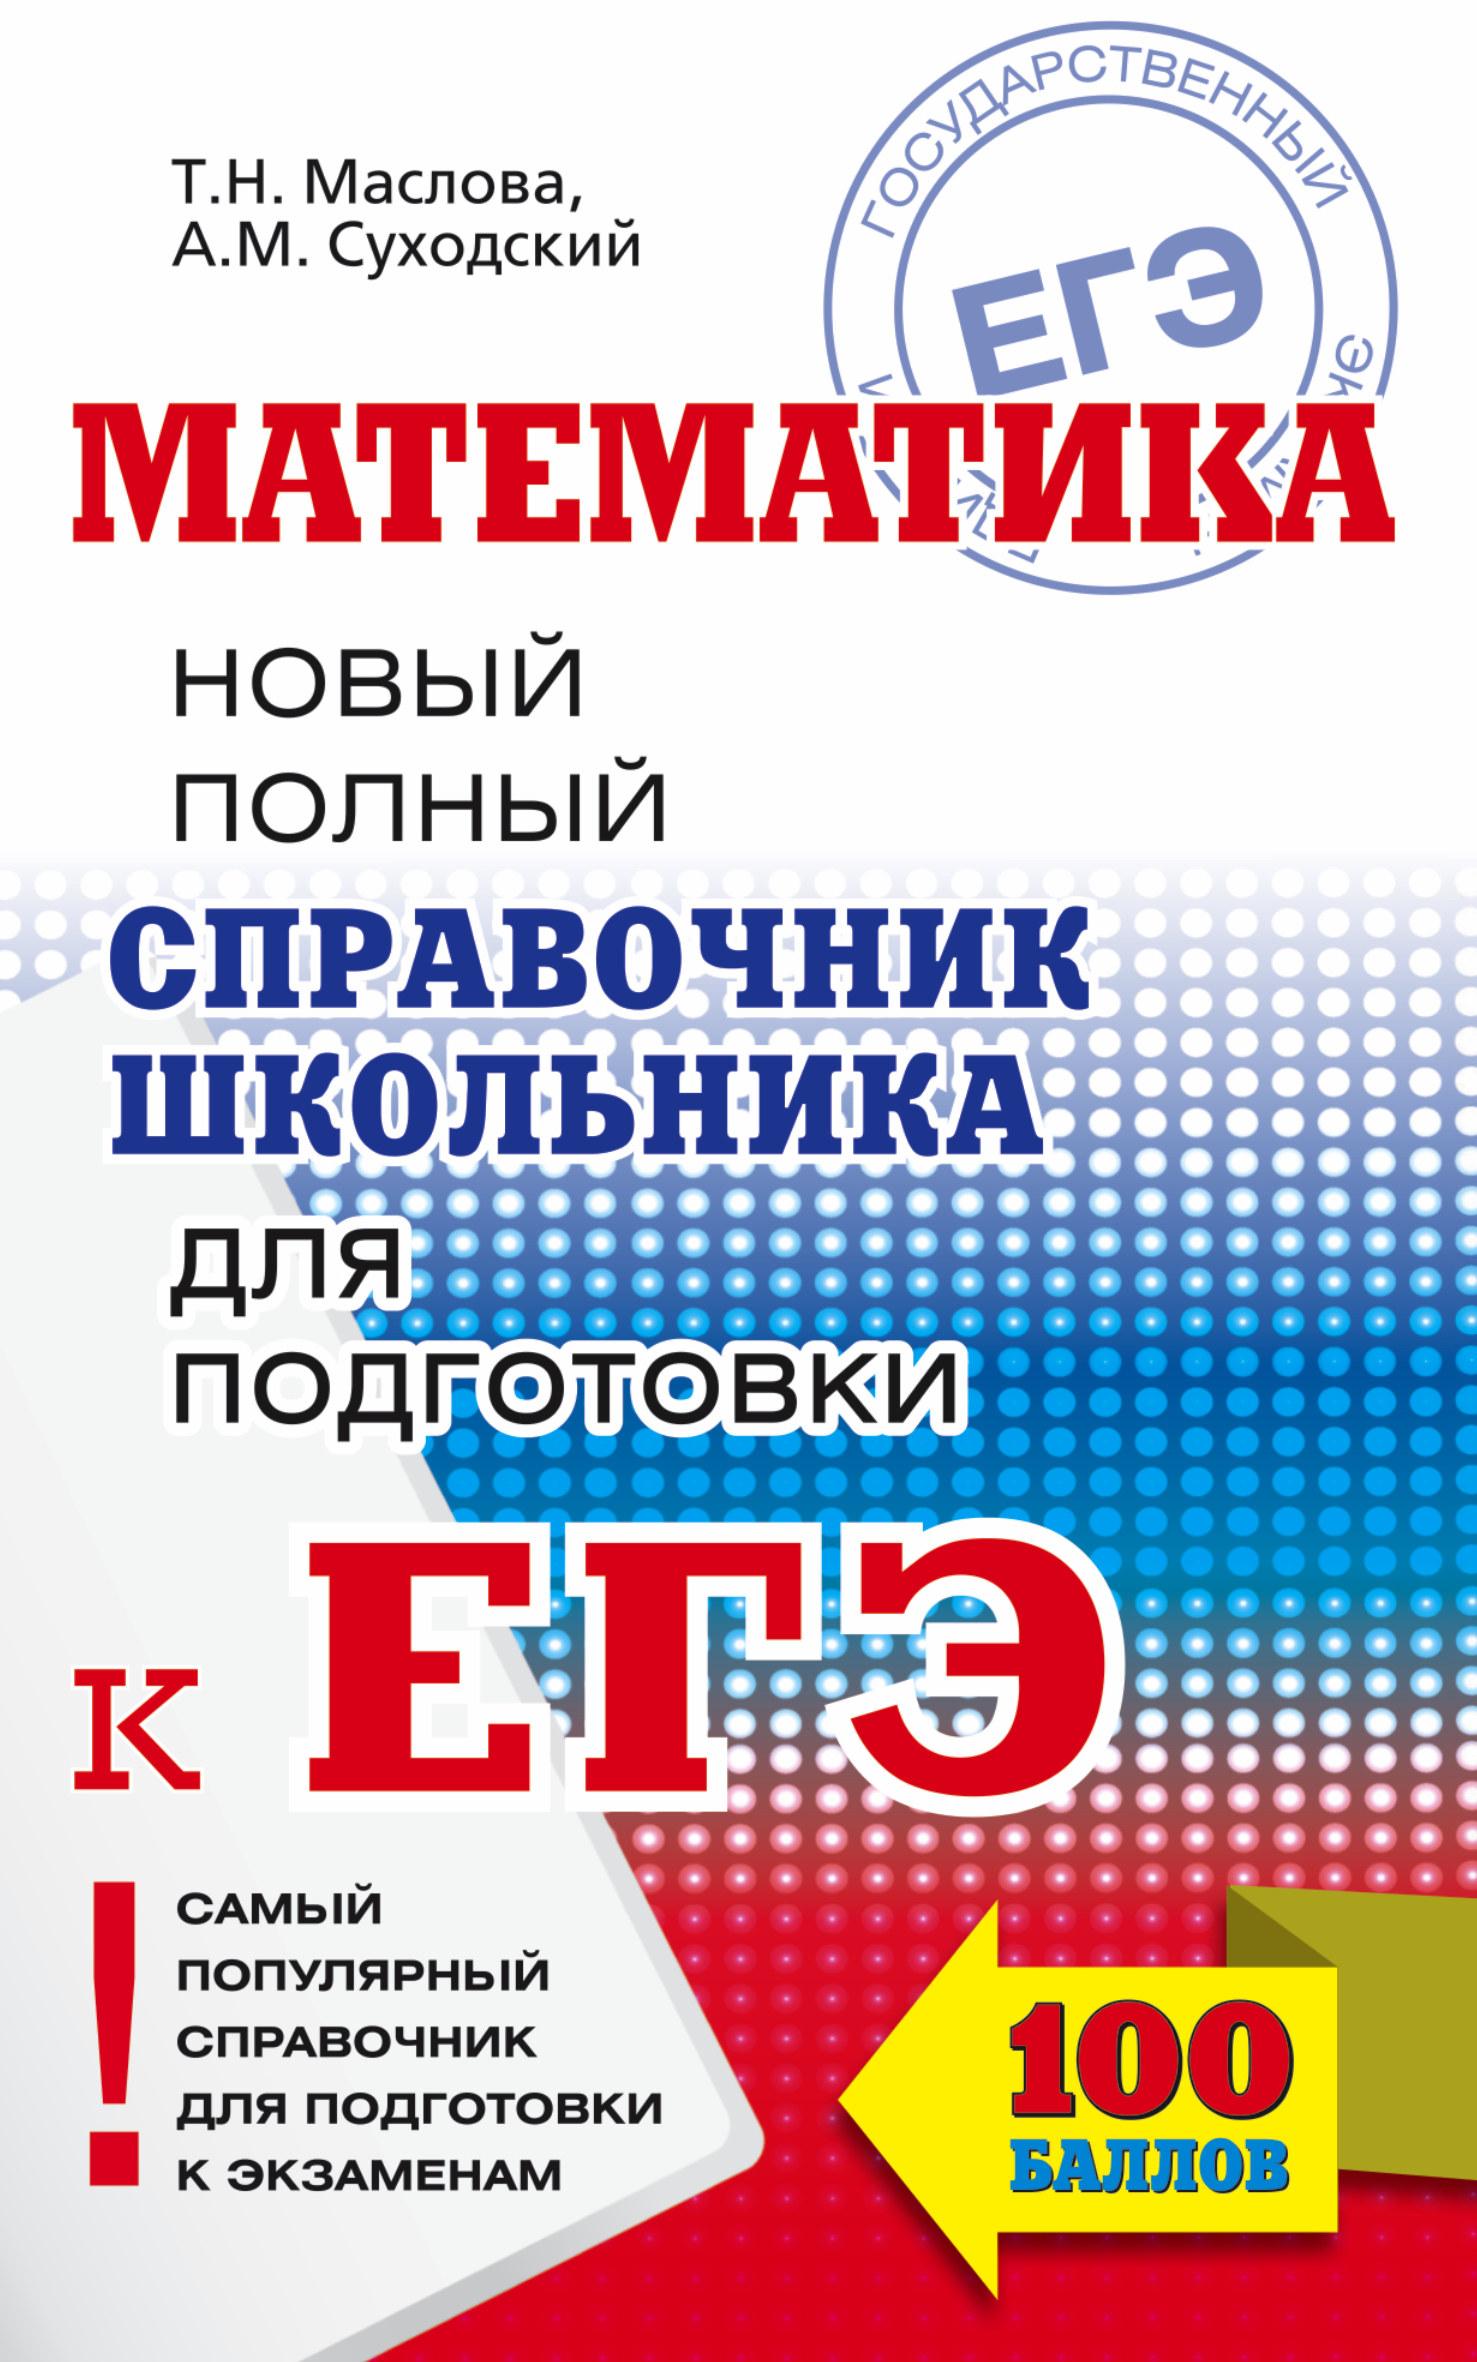 Математика. Новый полный справочник школьника для подготовки к ЕГЭ ( Маслова Т.Н.  )